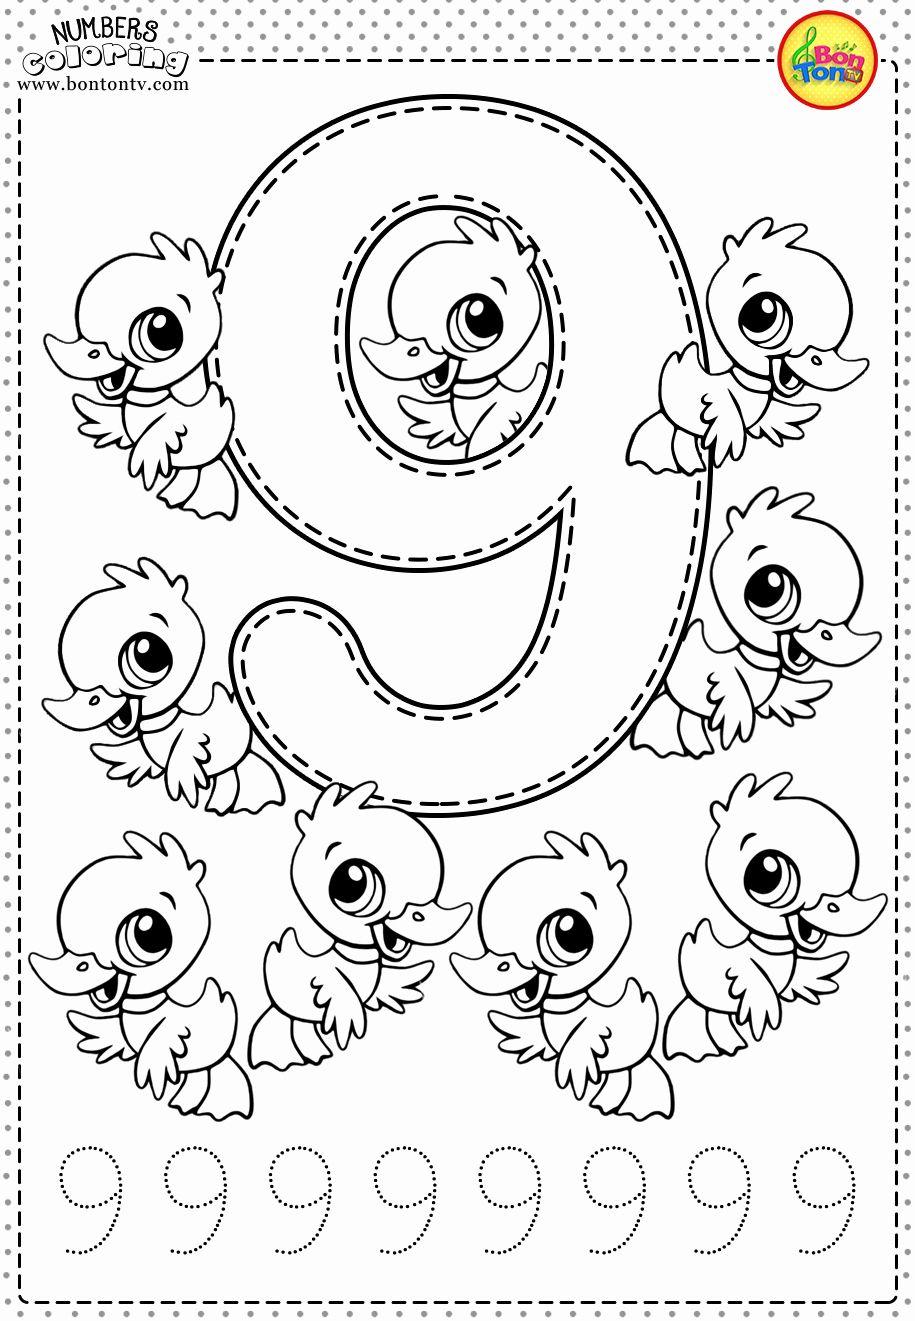 Coloring Number Line Worksheet Best Of Number 9 Preschool Printables Free Kids Learning Numbers Preschool Worksheets Free Printables Free Preschool Printables